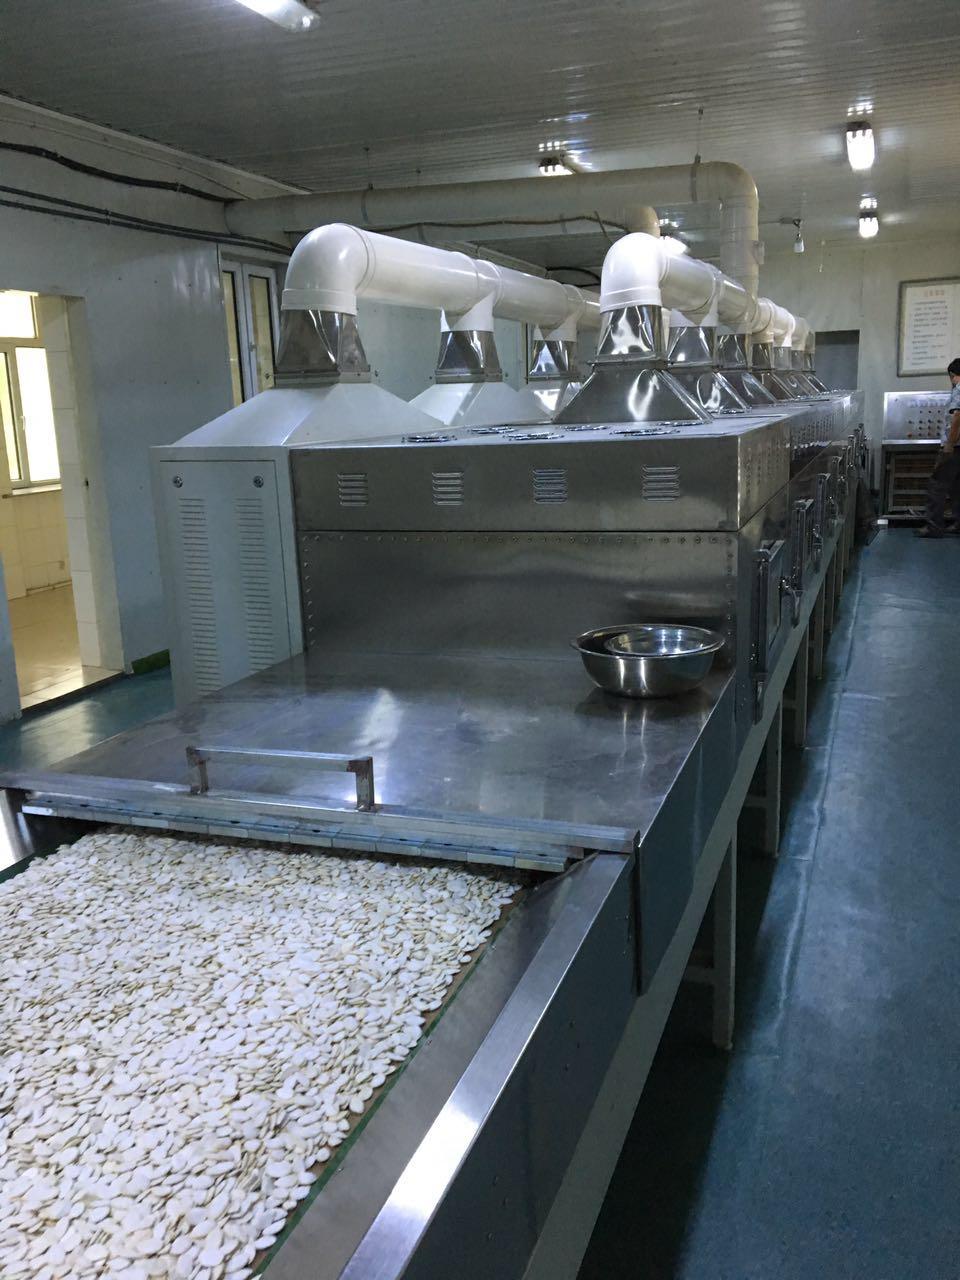 微波南瓜子烘焙设备、瓜子烘焙设备、微波烘焙机61998775